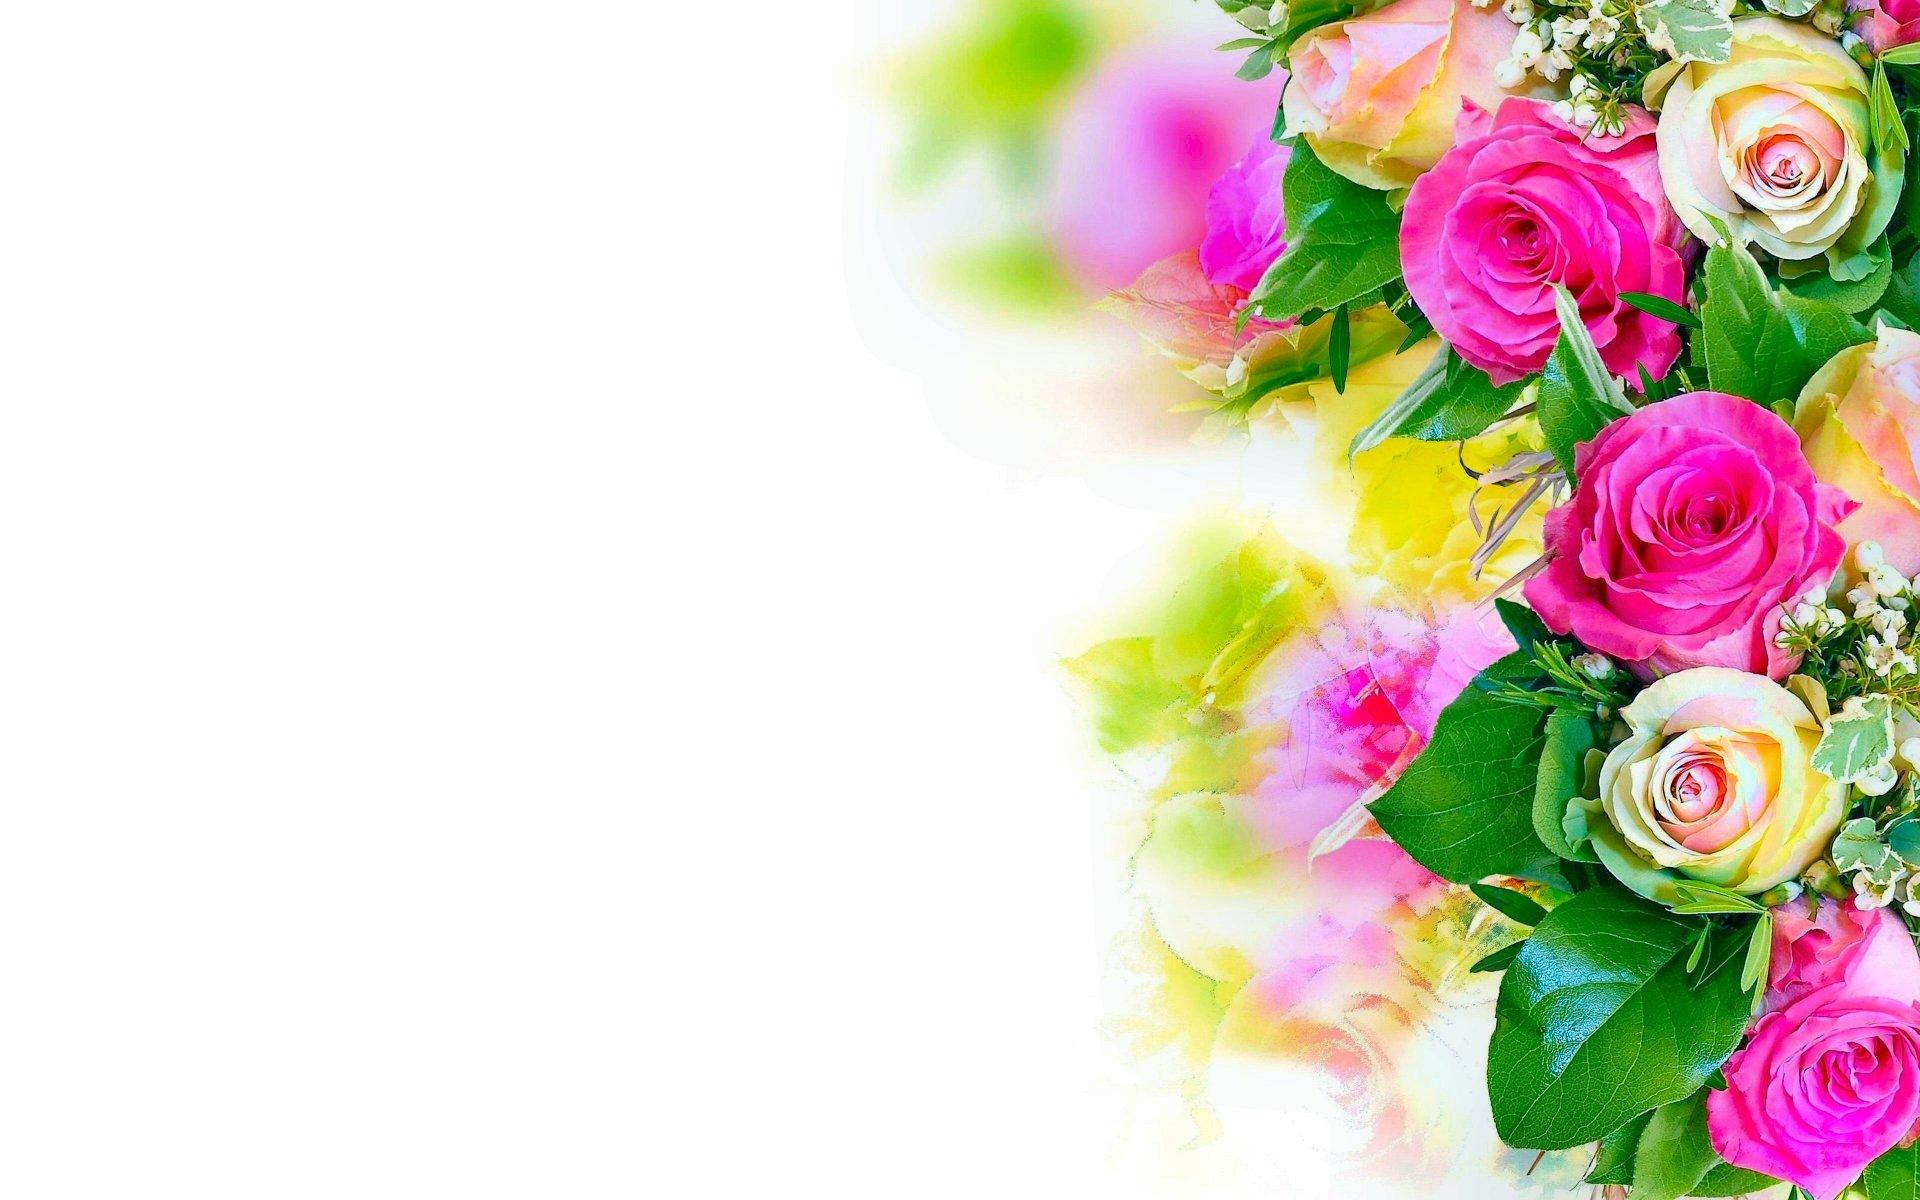 画像 ガーリー 薔薇の花 ローズ Pcデスクトップ壁紙 画像集 画像